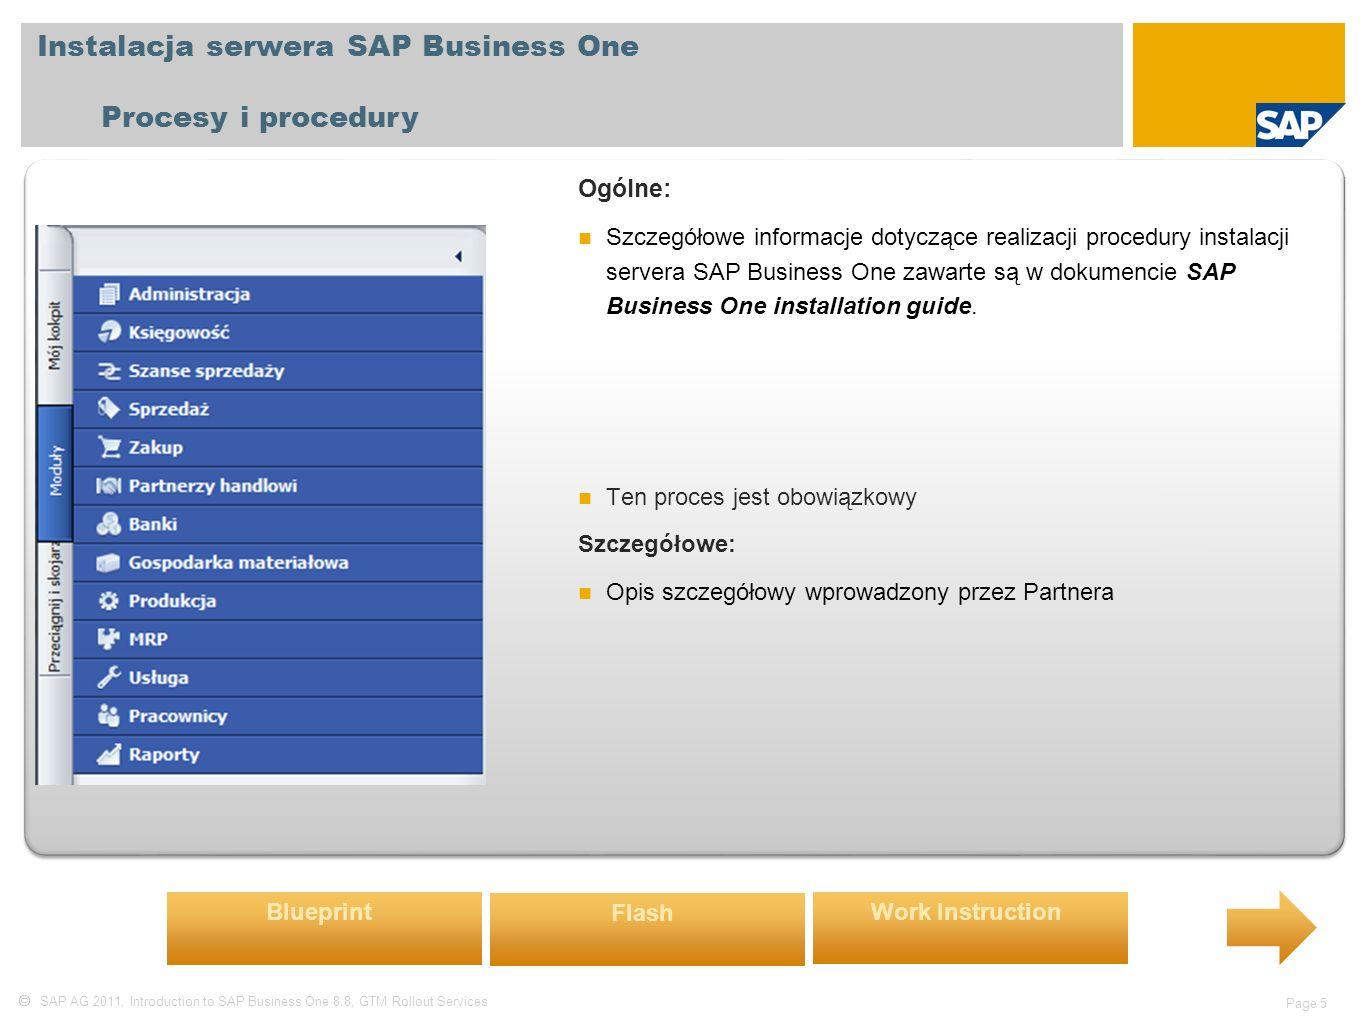  SAP AG 2011, Introduction to SAP Business One 8.8, GTM Rollout Services Page 16 Ustawienia ogólne - Ścieżki Procesy i procedury Ogólne: Zakładka Ścieżki służy do definiowania ścieżek do folderów, w których można zapisywać różne pliki i informacje, np.